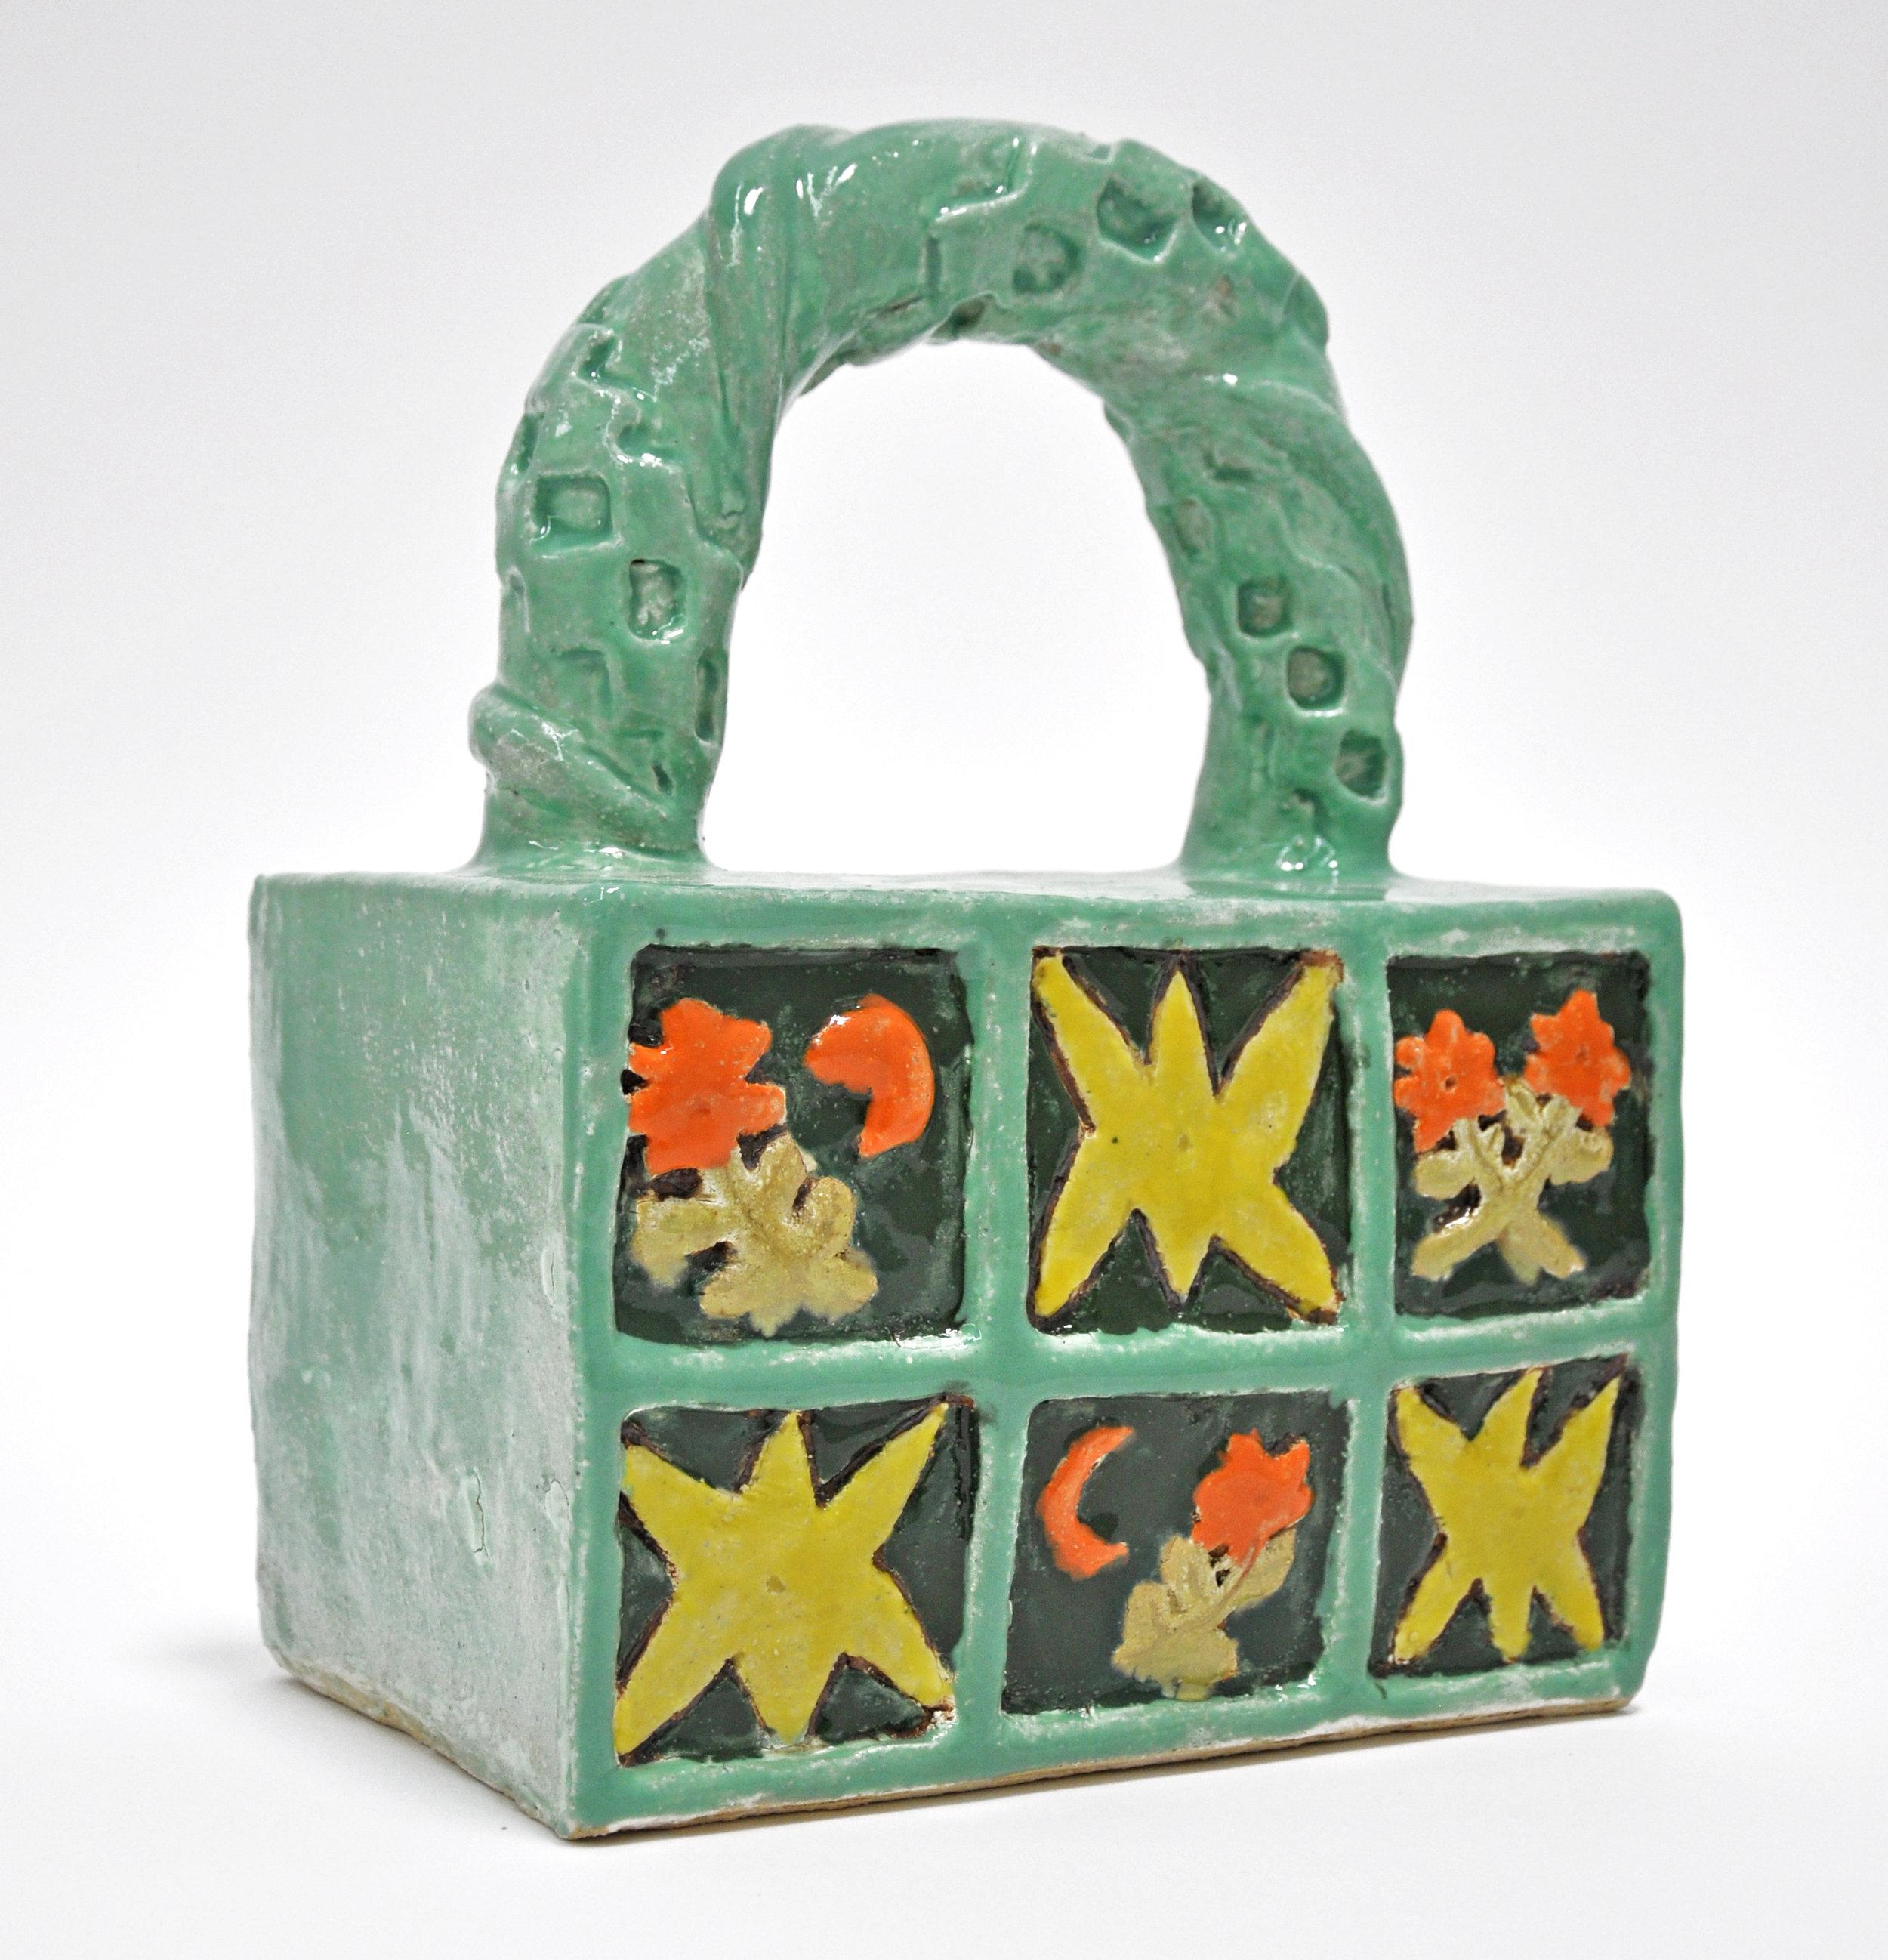 """Maryam Yousif, """"Cosmic Handbag: Night Walk"""", glazed stoneware, 9 x 5.5 x 12.5 in, 2019, $1200"""